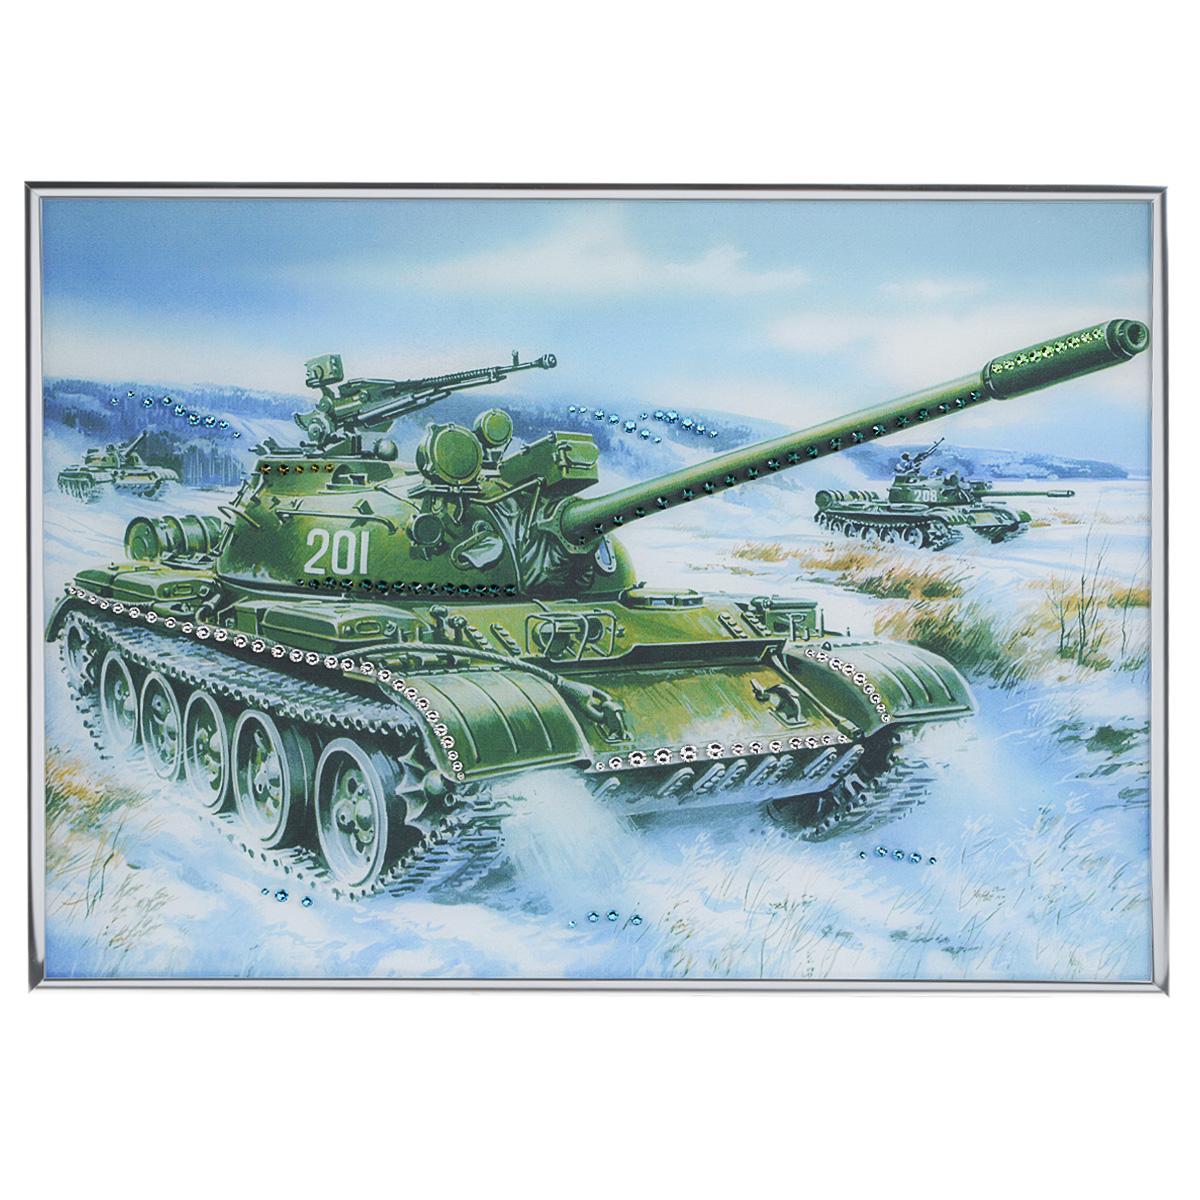 Картина с кристаллами Swarovski Танк, 40 х 30 см1339Изящная картина в металлической раме, инкрустирована кристаллами Swarovski, которые отличаются четкой и ровной огранкой, ярким блеском и чистотой цвета. Красочное изображение танка, расположенное под стеклом, прекрасно дополняет блеск кристаллов. С обратной стороны имеется металлическая петелька для размещения картины на стене. Картина с кристаллами Swarovski Танк элегантно украсит интерьер дома или офиса, а также станет прекрасным подарком, который обязательно понравится получателю. Блеск кристаллов в интерьере, что может быть сказочнее и удивительнее. Картина упакована в подарочную картонную коробку синего цвета и комплектуется сертификатом соответствия Swarovski.